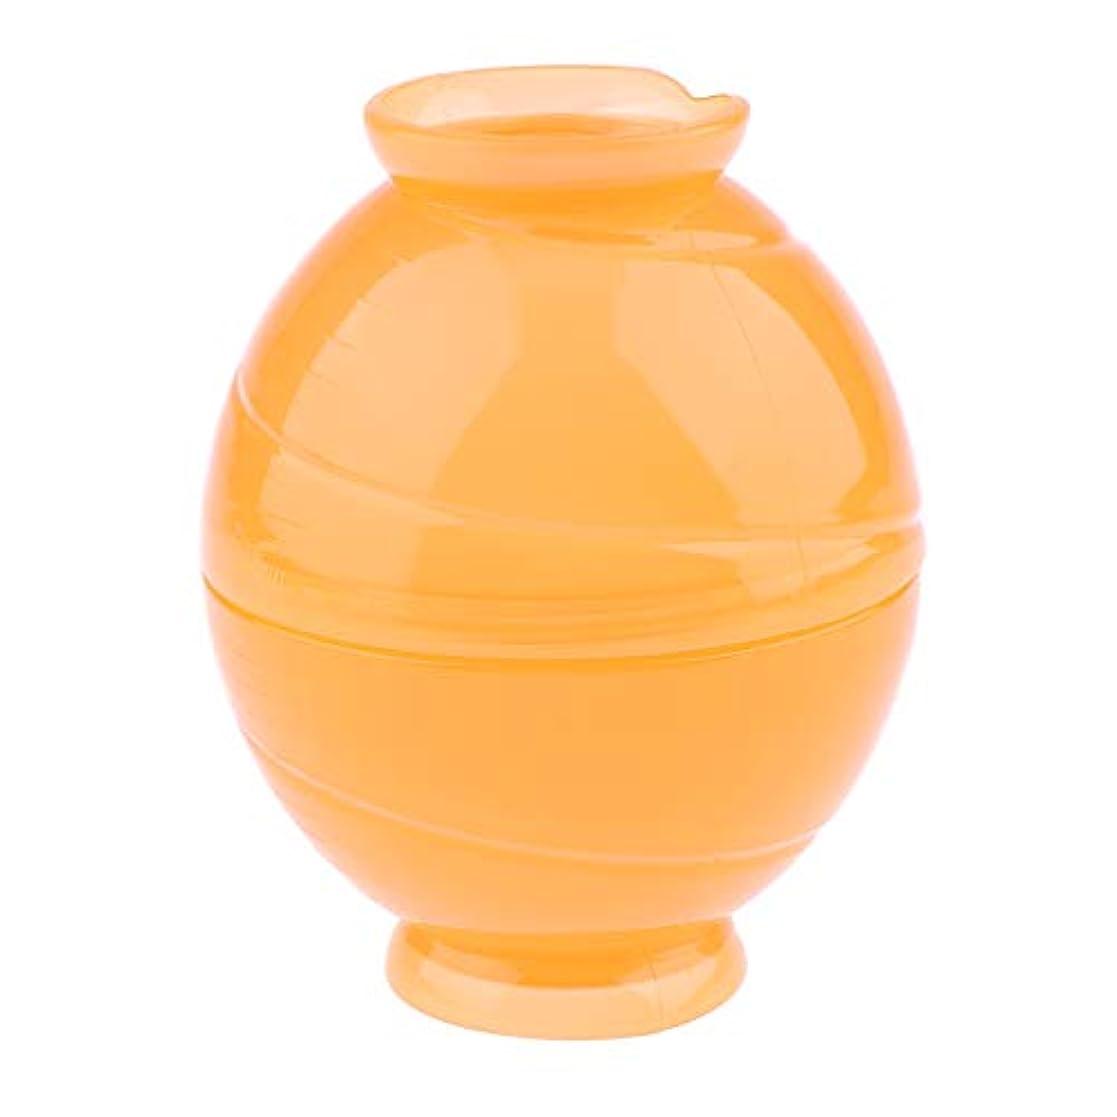 ジョージスティーブンソン有彩色のエール全3色 サロンボウル ヘアカラー用 ミキシングボトル キャンディー形状 - オレンジ